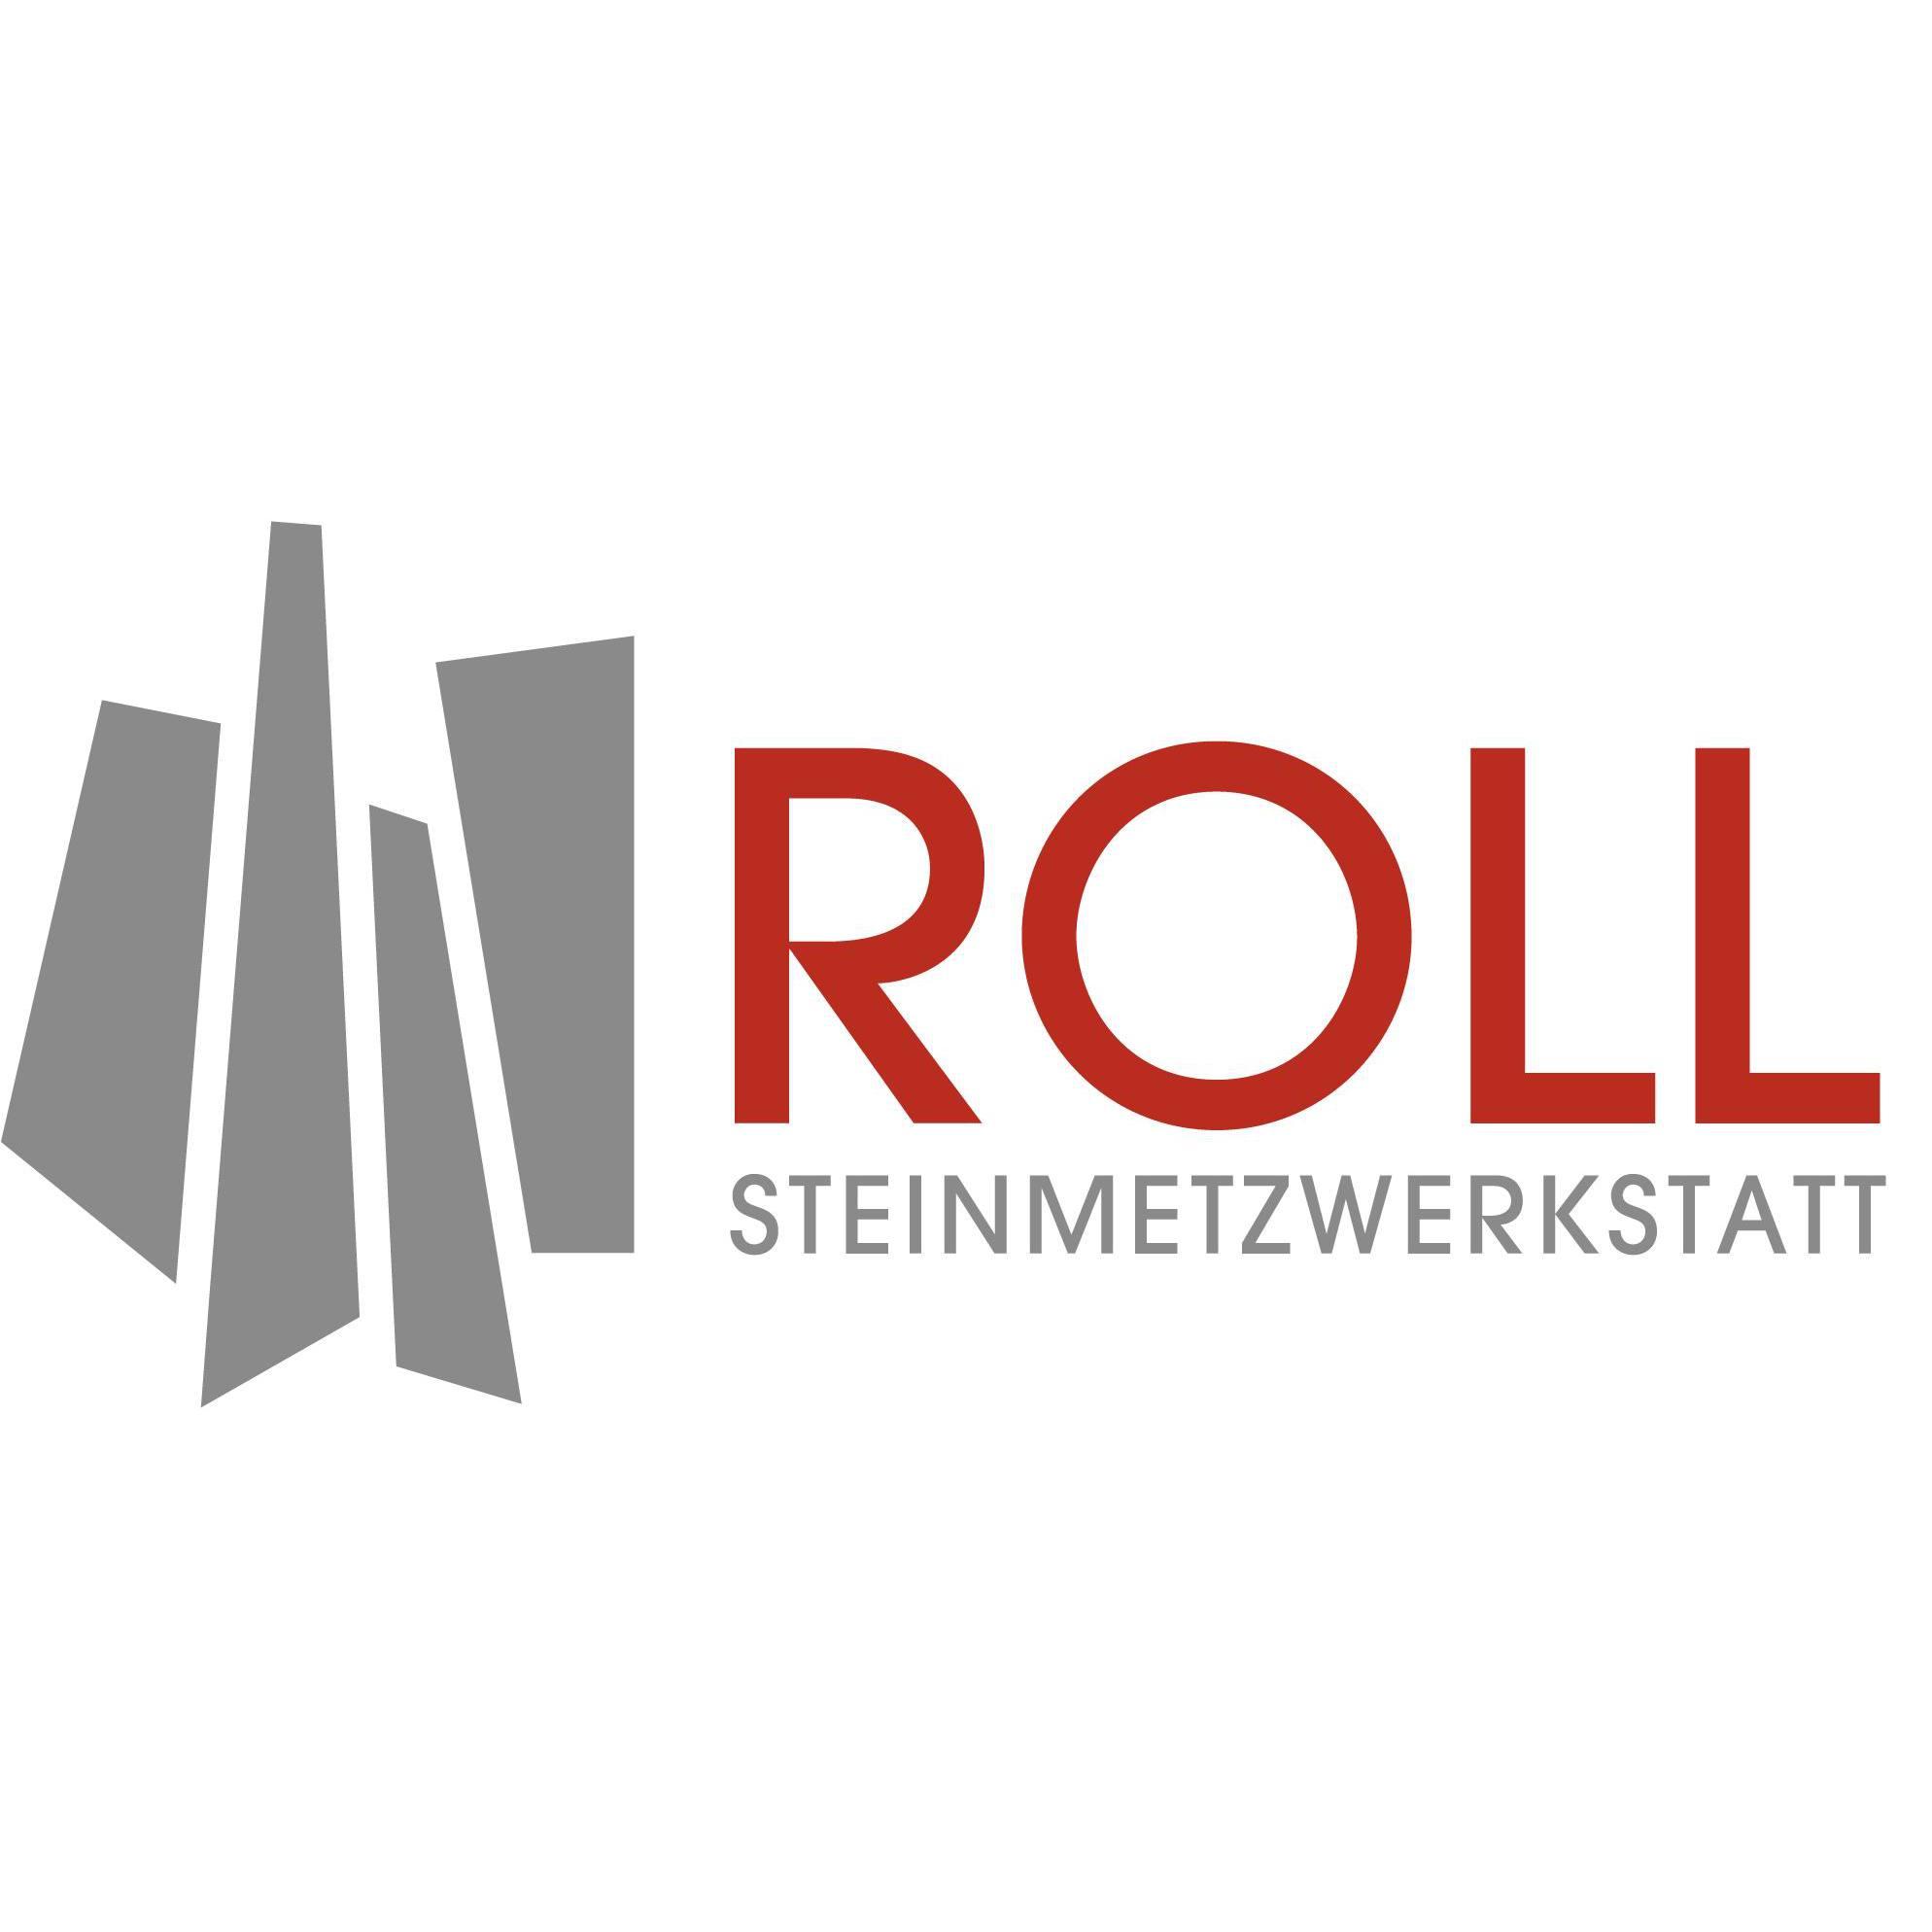 Bild zu Roll Steinmetzwerkstatt GmbH & Co. KG in Gunzenhausen